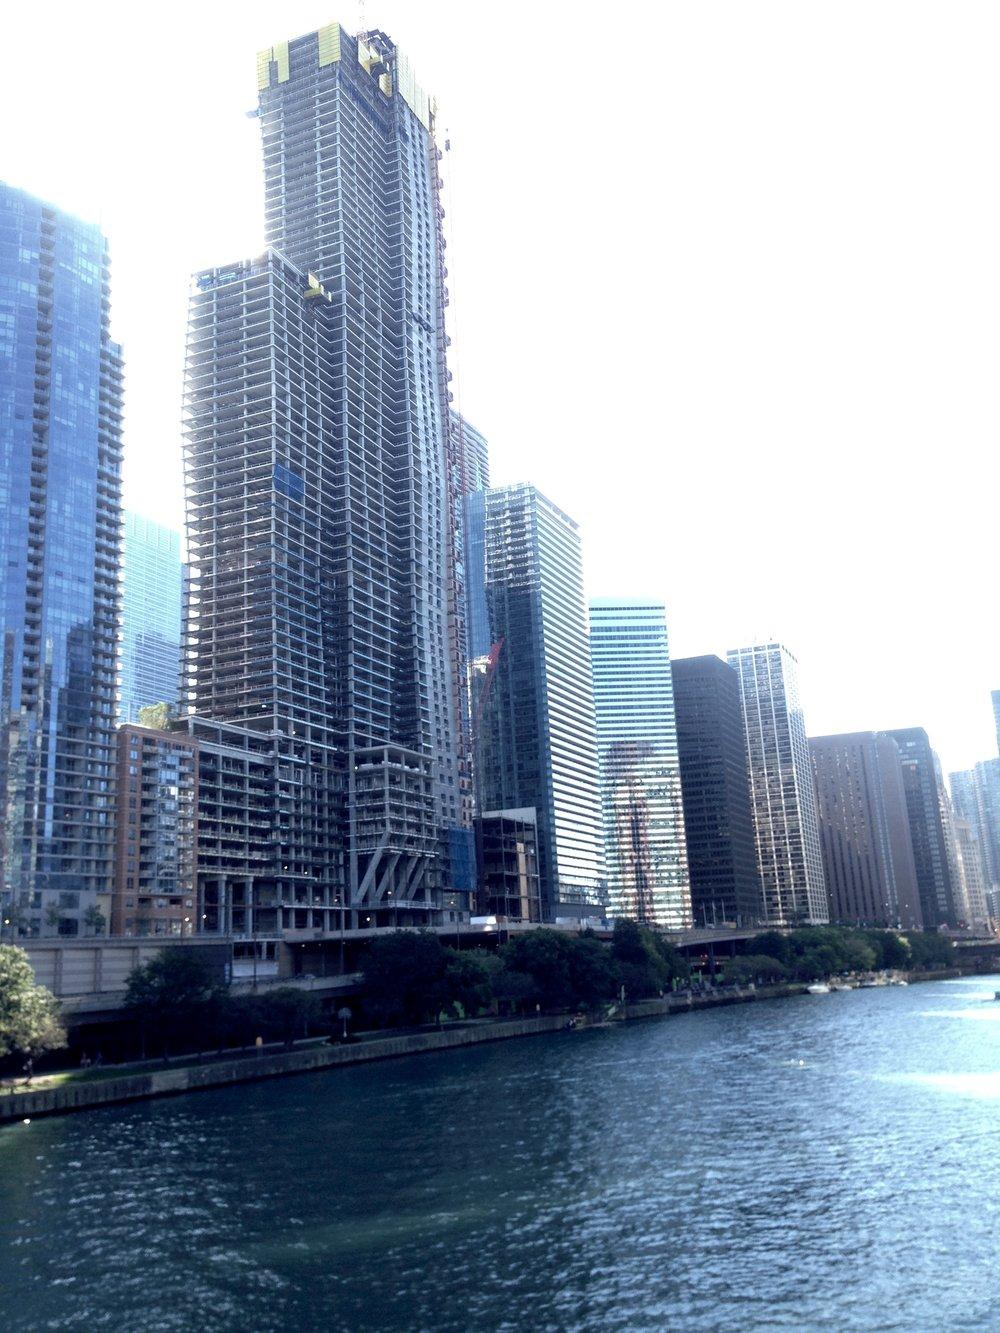 Condominiums under construction.  Studio Gang